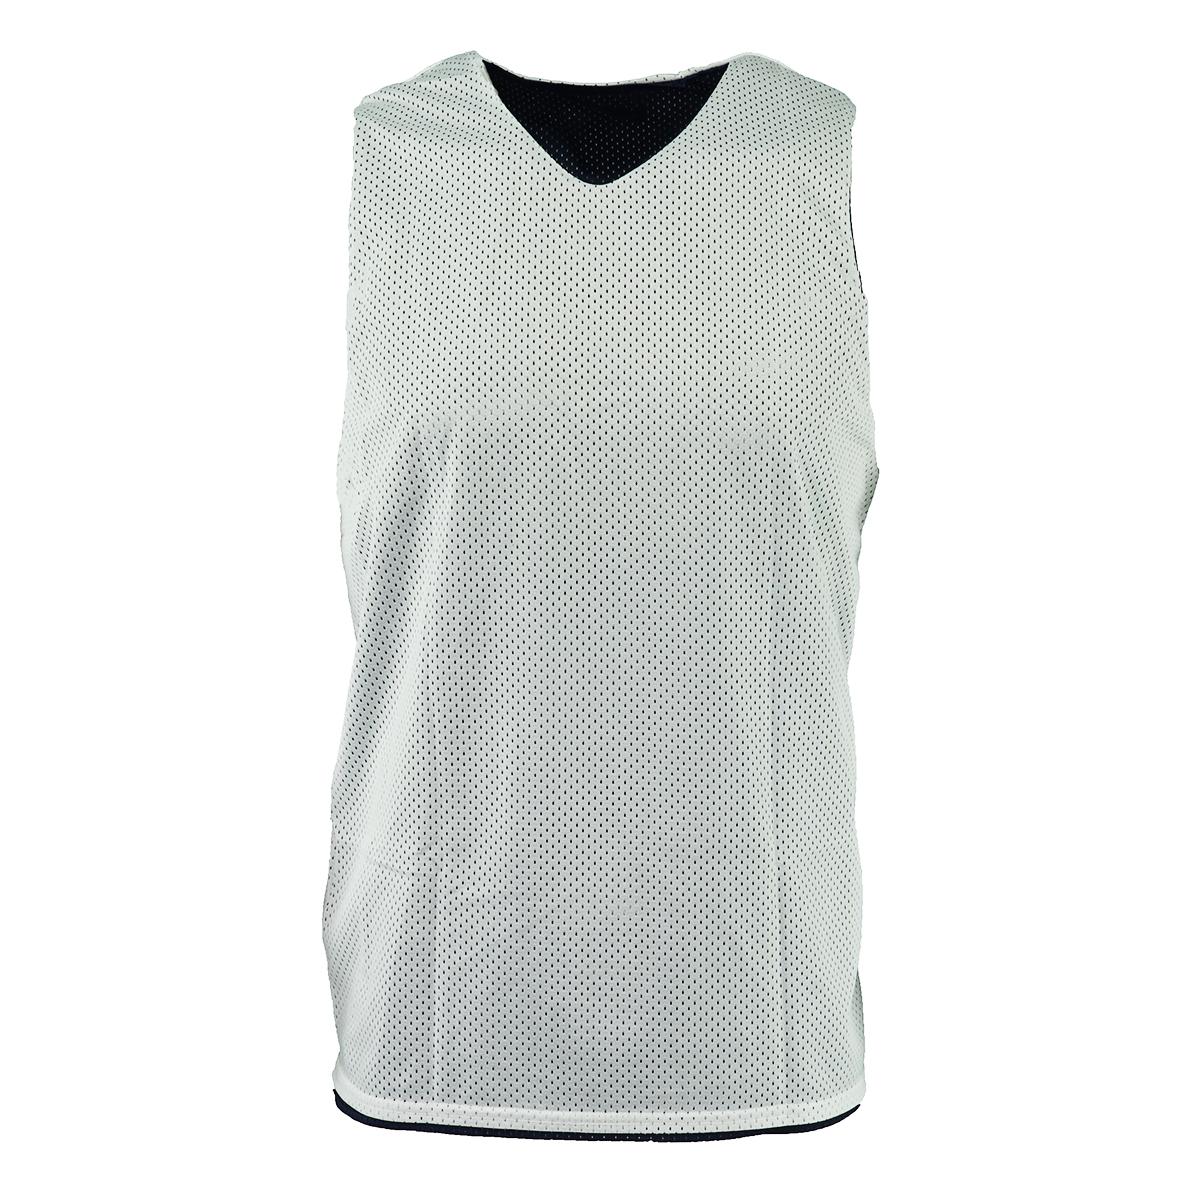 Nike-Men-039-s-Reversible-Basketball-Practice-Jersey thumbnail 3